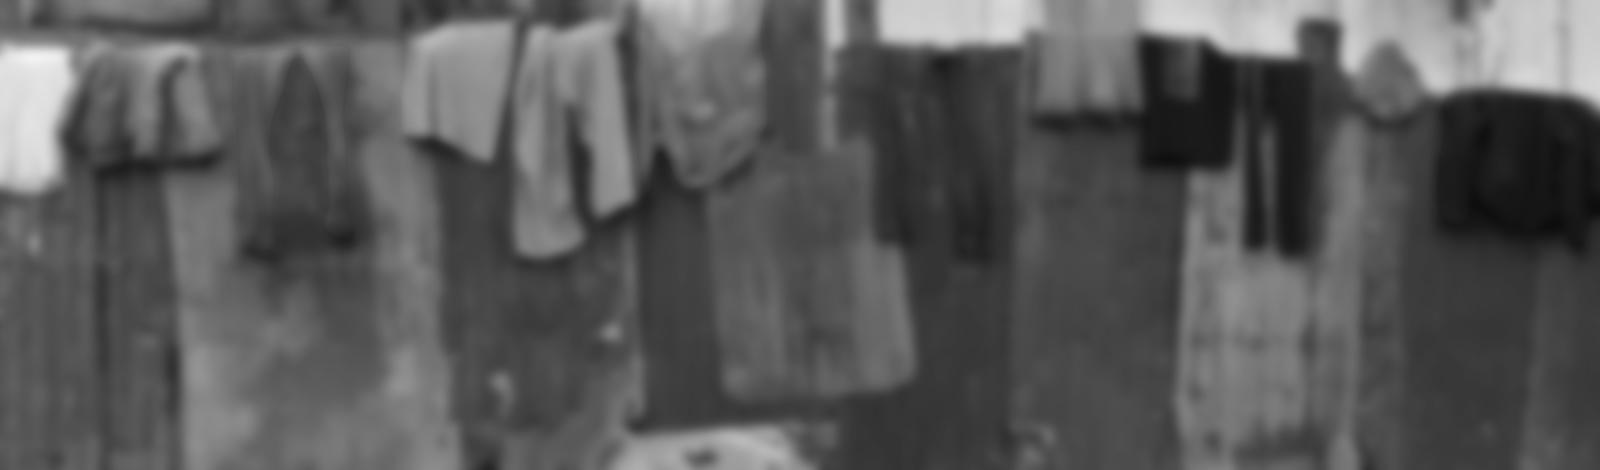 Background image of tin building shacks